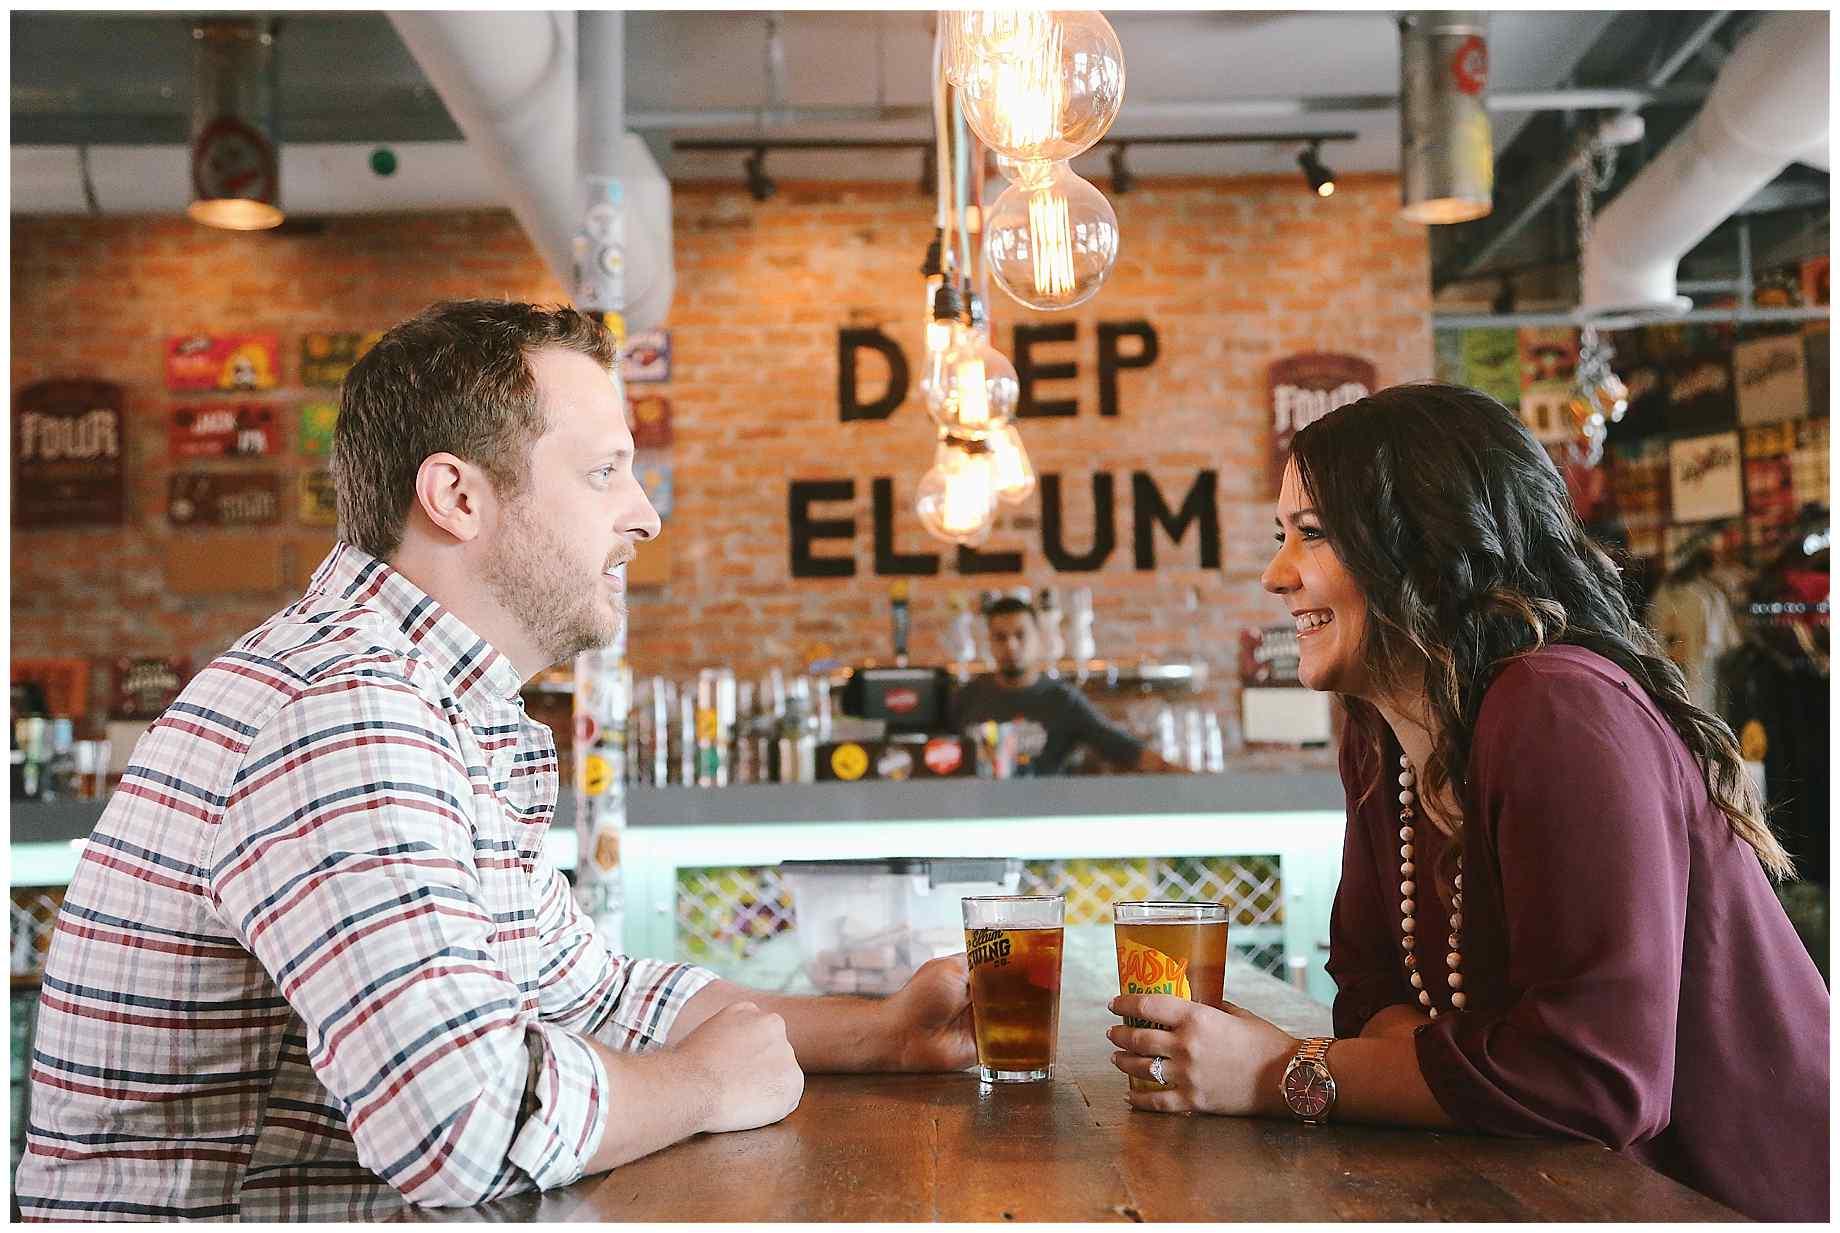 deep-ellum-brewing-comapny-engagement-photos-002